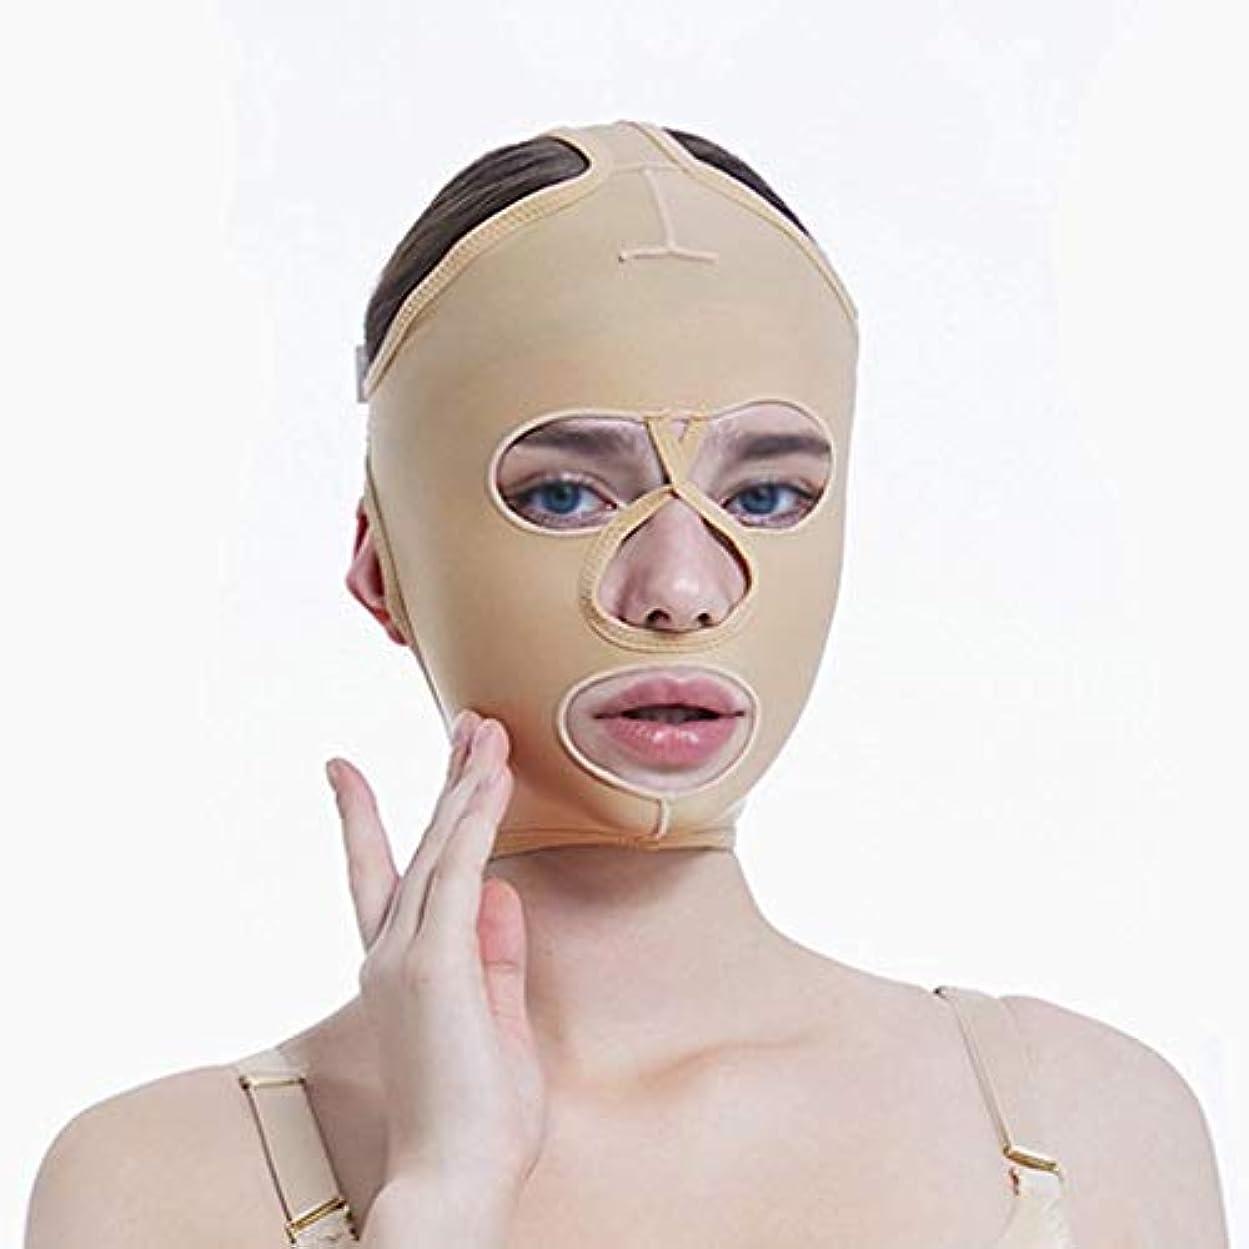 記事姓圧縮チンリフティングベルト、超薄型ベルト、引き締めマスク、包帯吊り、フェイスリフティングマスク、超薄型ベルト、通気性(サイズ:L),ザ?